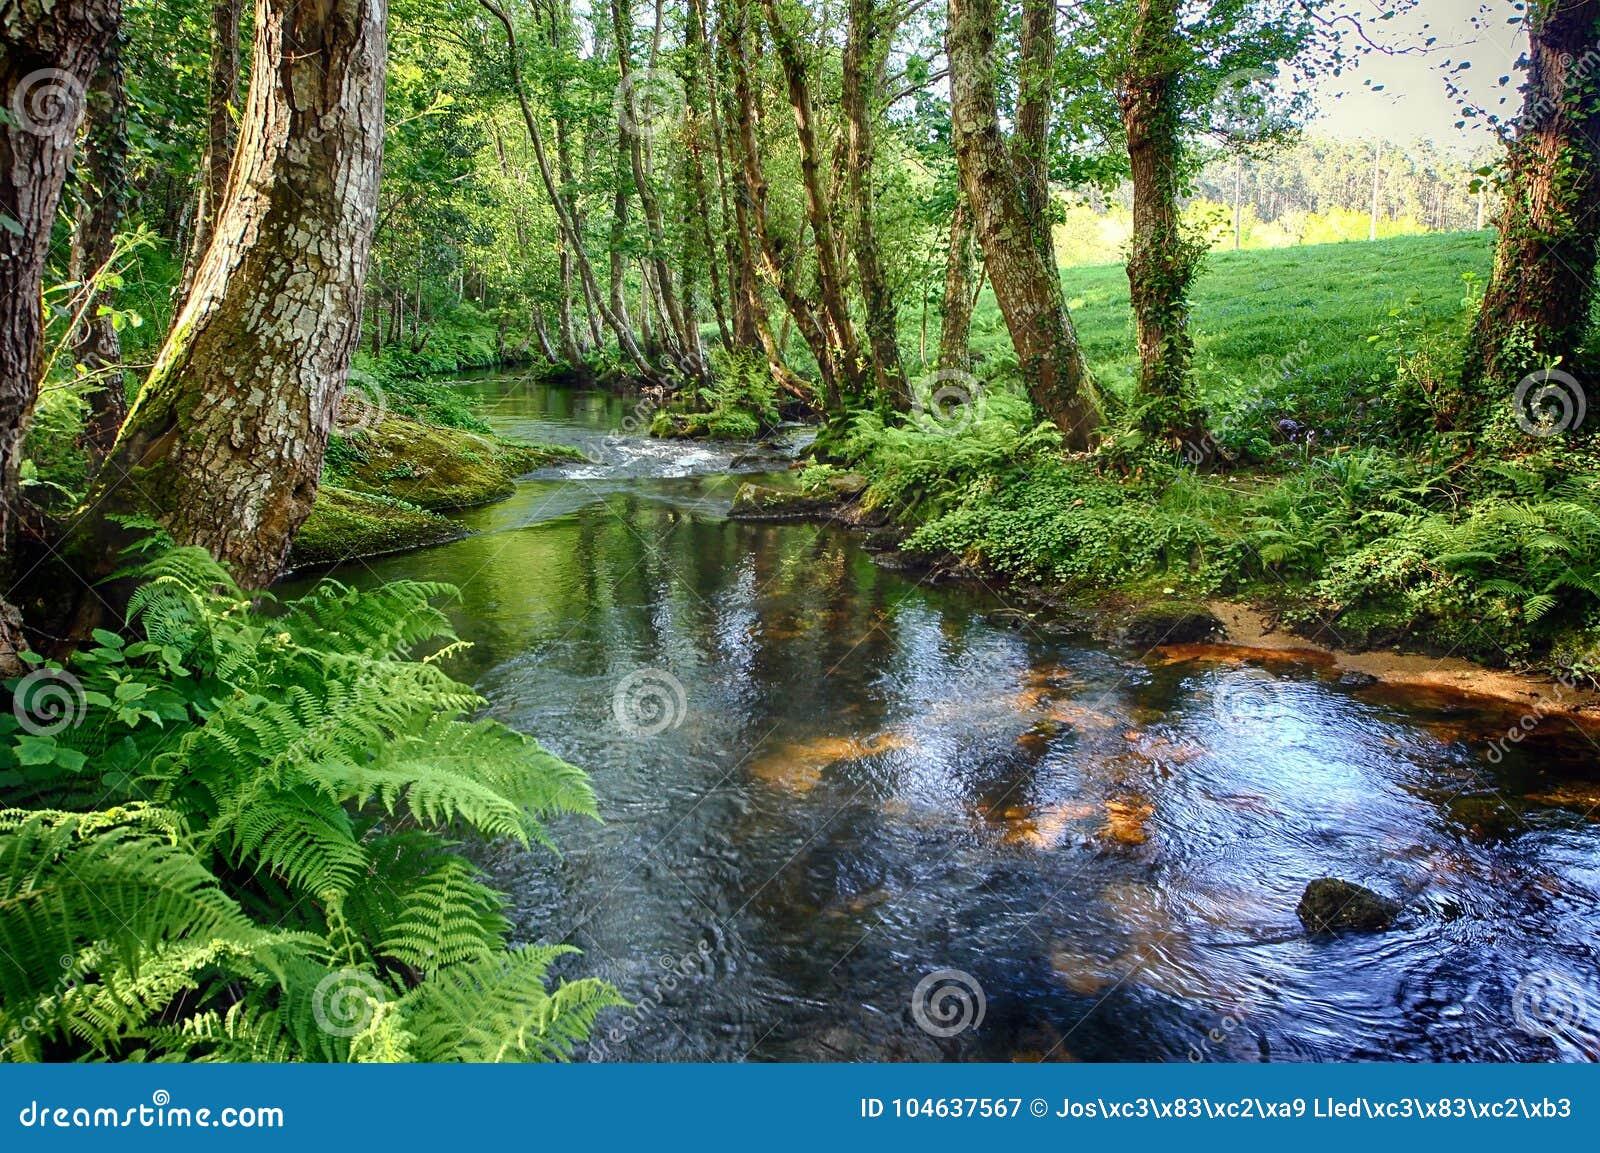 Download Salgadelosril En Bos In De Provincie Van Lugo In Spanje Stock Afbeelding - Afbeelding bestaande uit tuin, scène: 104637567